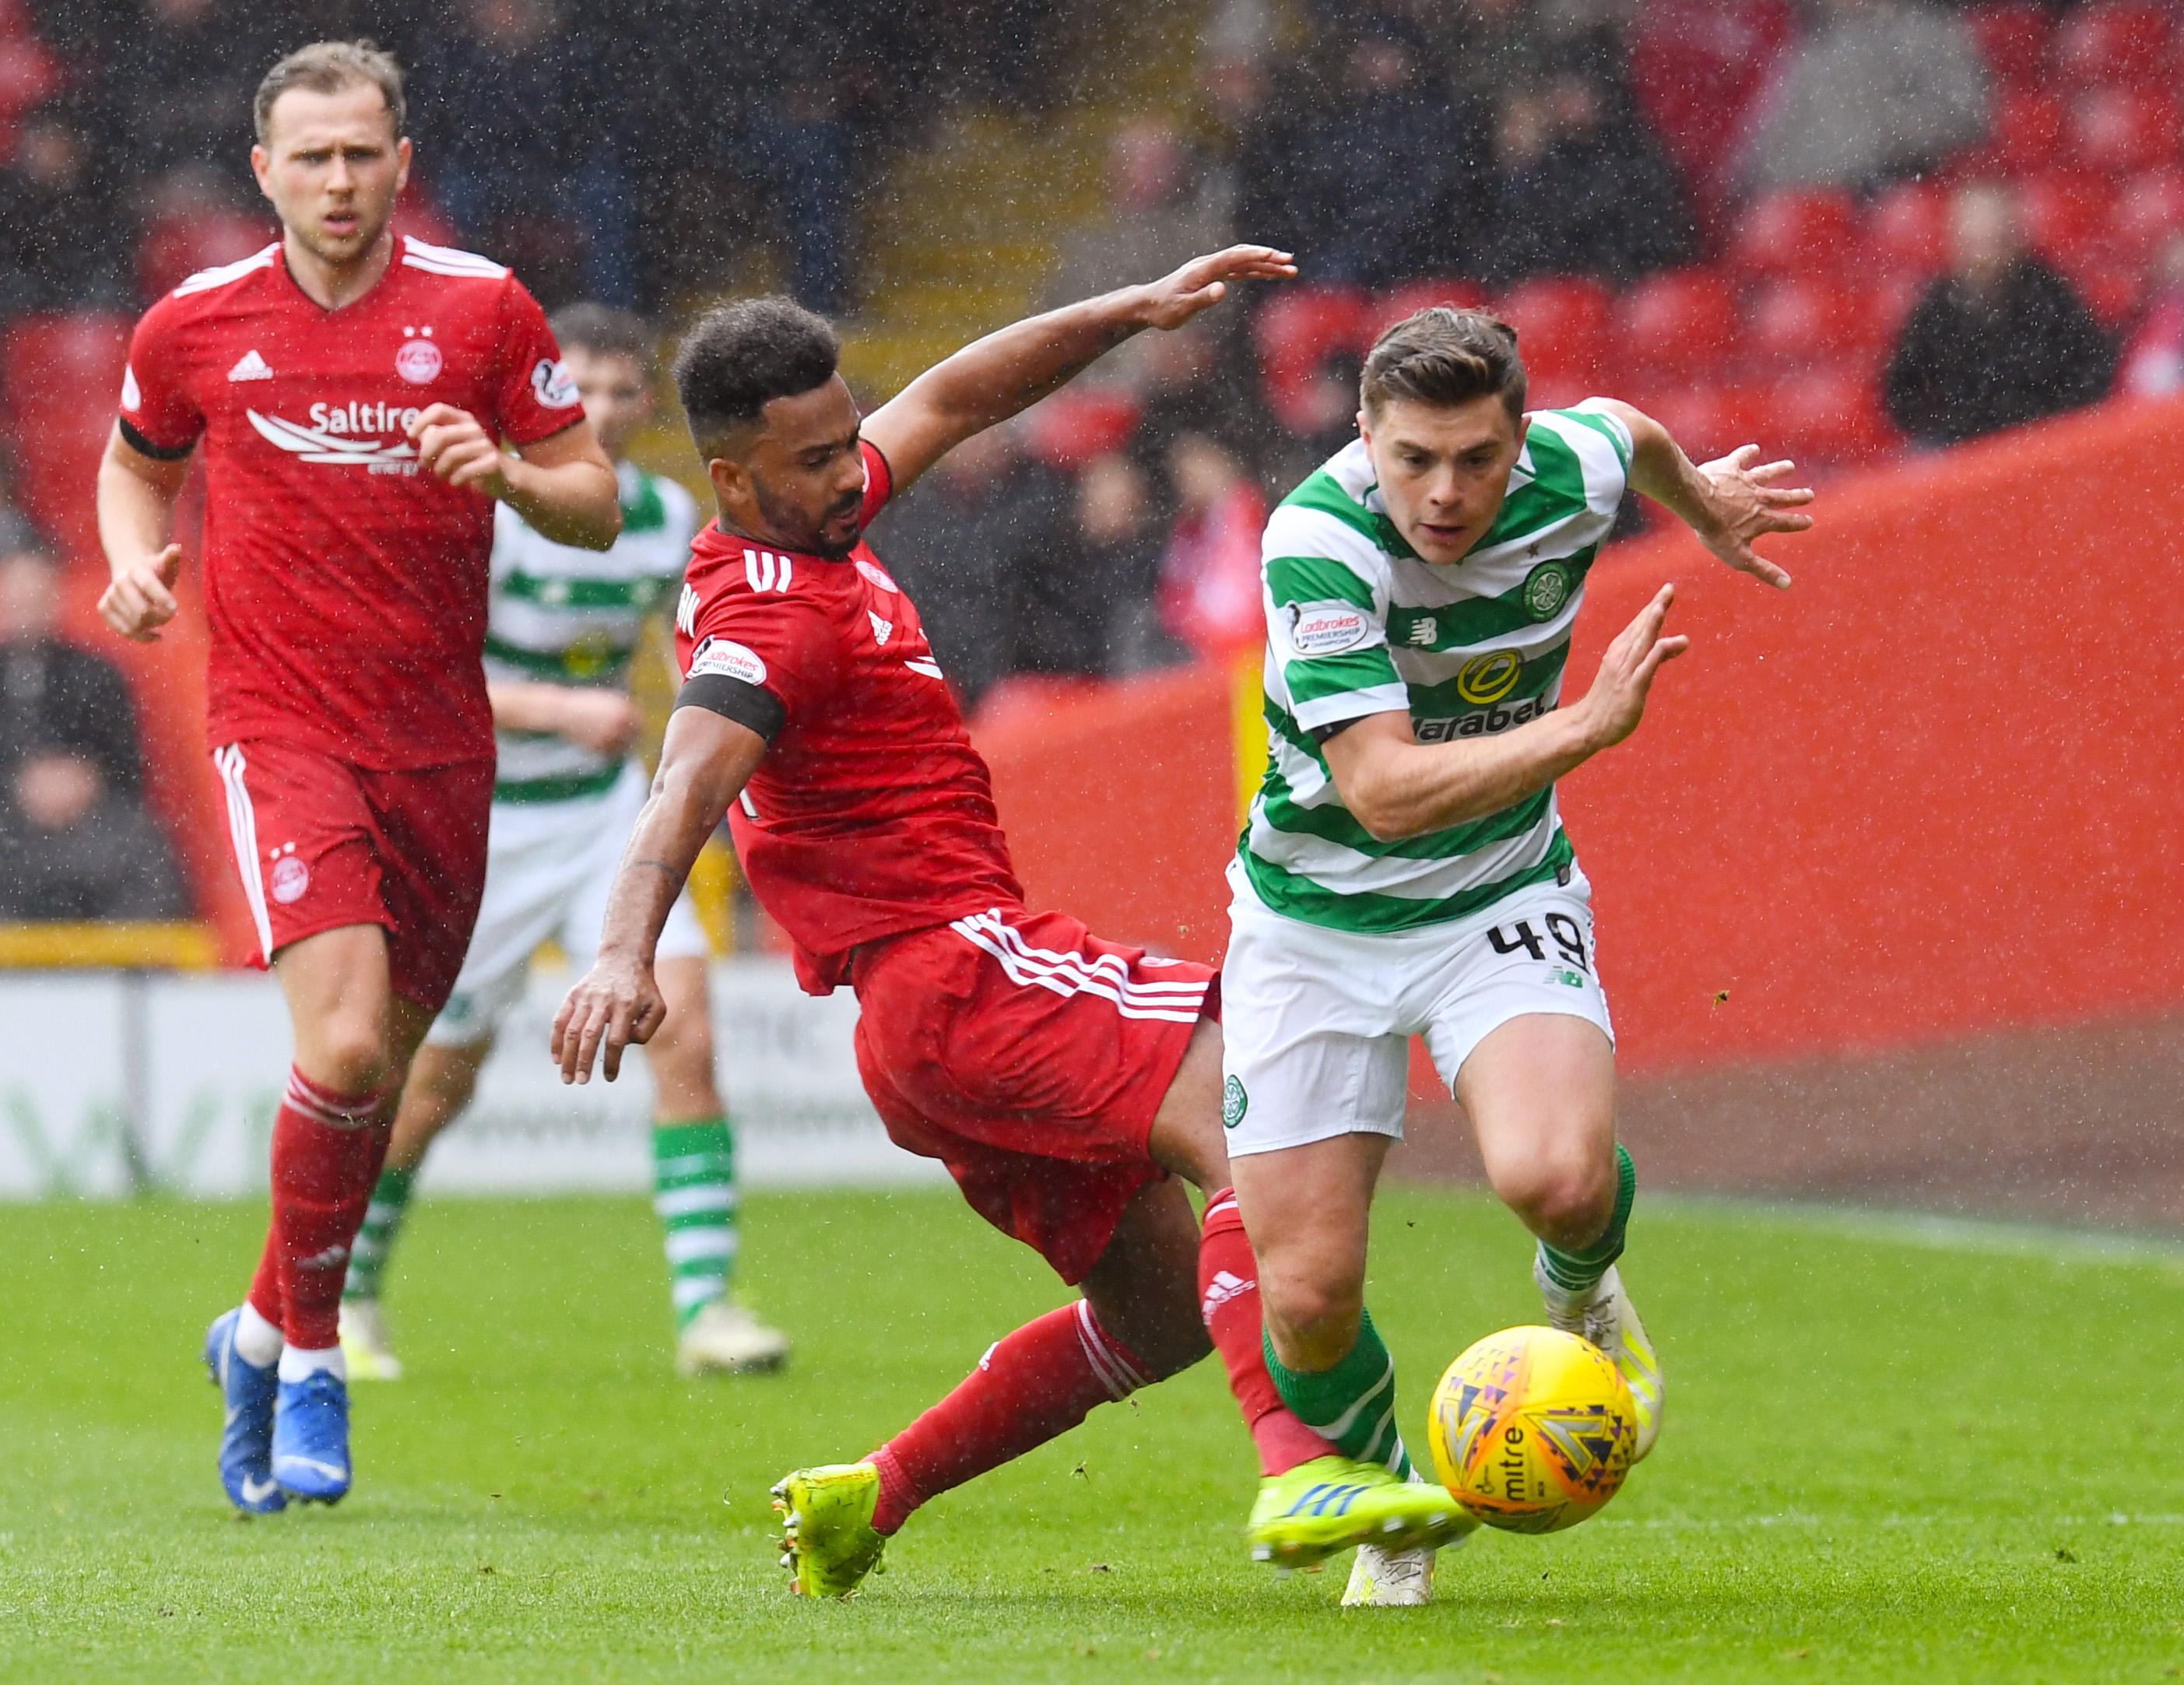 Aberdeen's Shay Logan in action.